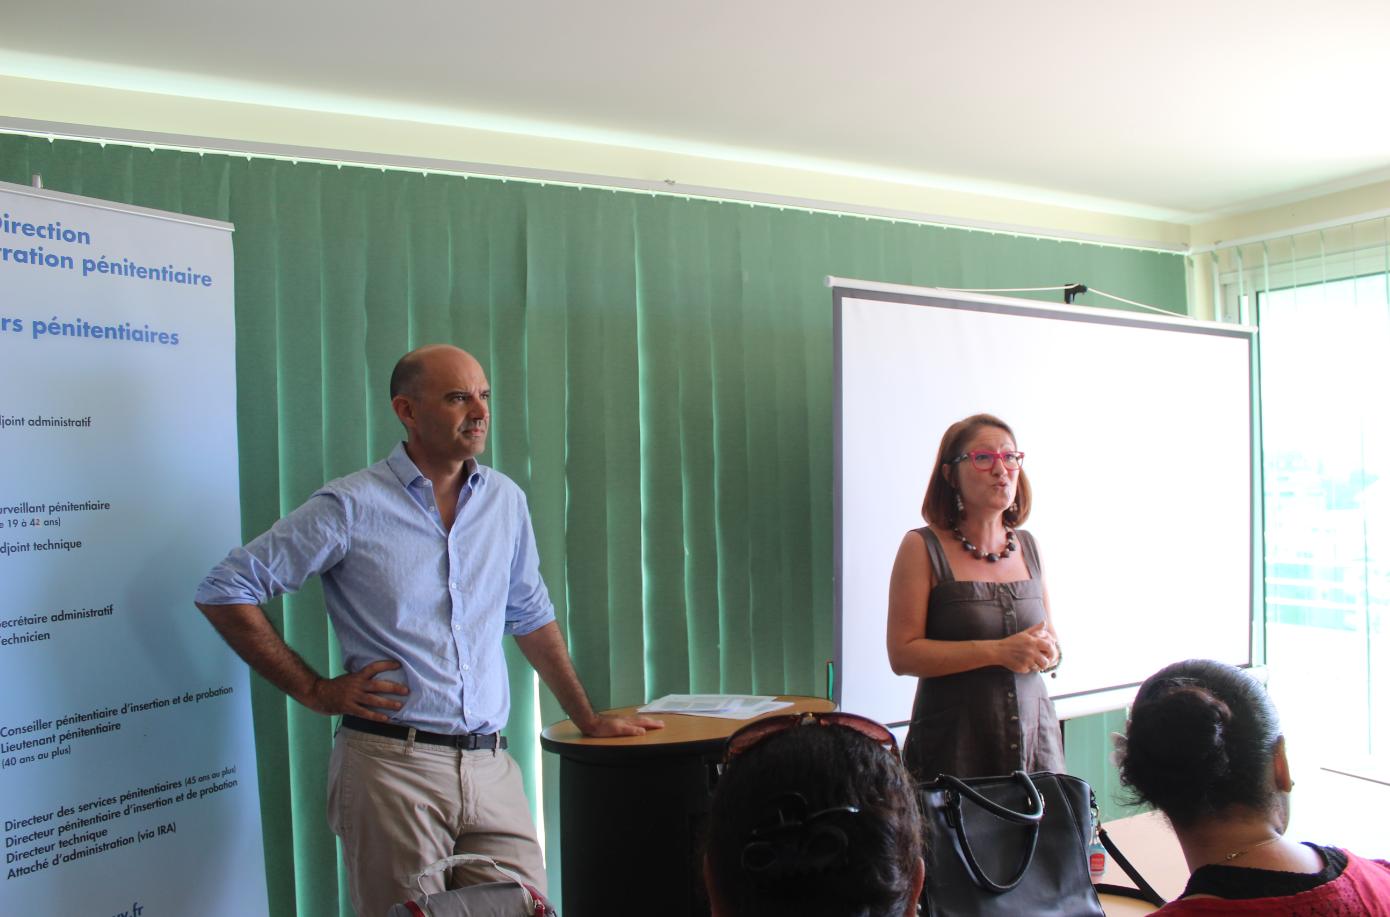 Le directeur adjoint, Maxime Renard et la directrice, Véronique Meunier. Crédit Spip.